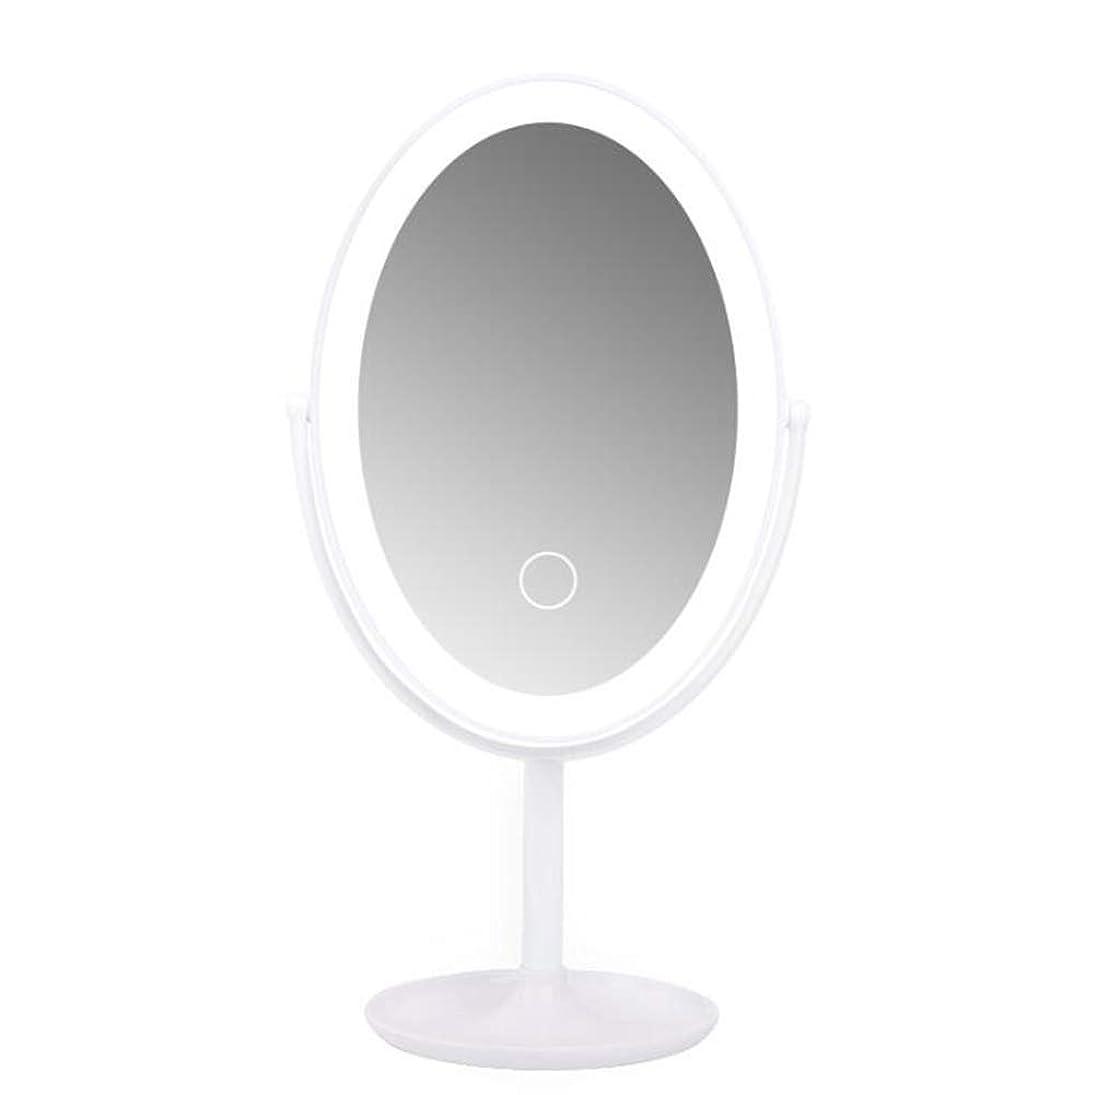 シーボードジャンクション若さ卓上化粧鏡、360°スタンド付きスタンド式自立台化粧鏡、回転式ポータブルUSB充電ランプ付きスマートLED化粧鏡 (Color : White)